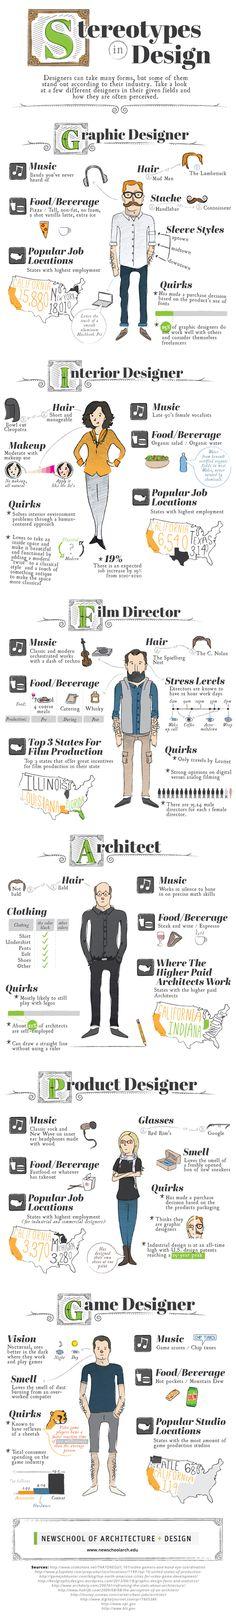 Popularne stereotypy odsłonięto w tym projektant grafiki | bezczelny INFOGRAPHIC | Creative Bloq